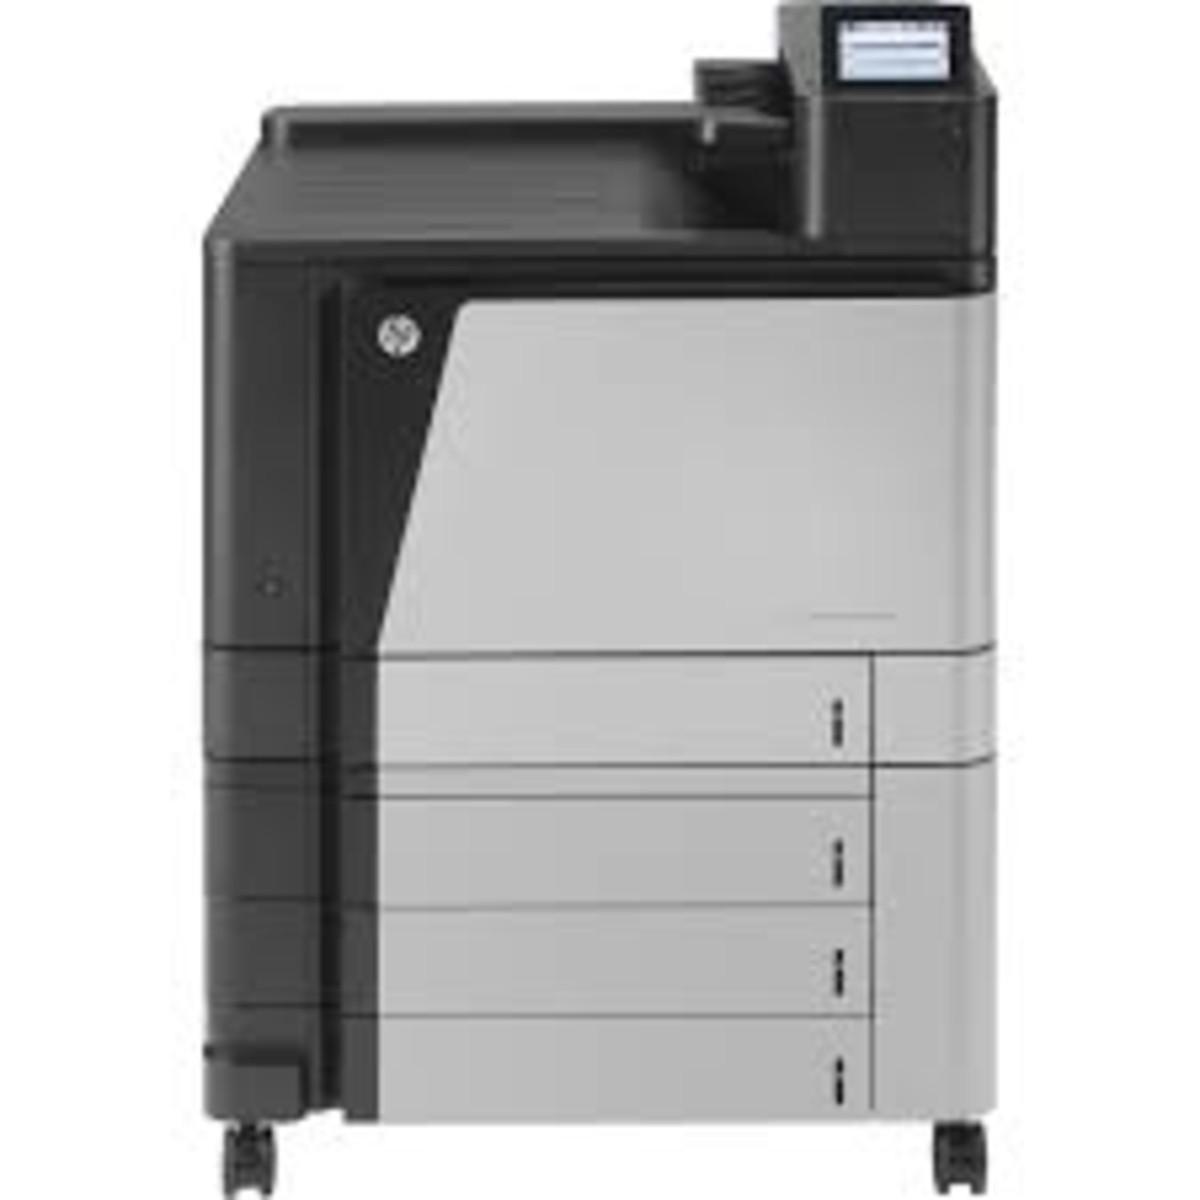 HP Colour LaserJet Enterprise M855xh Laser Printer